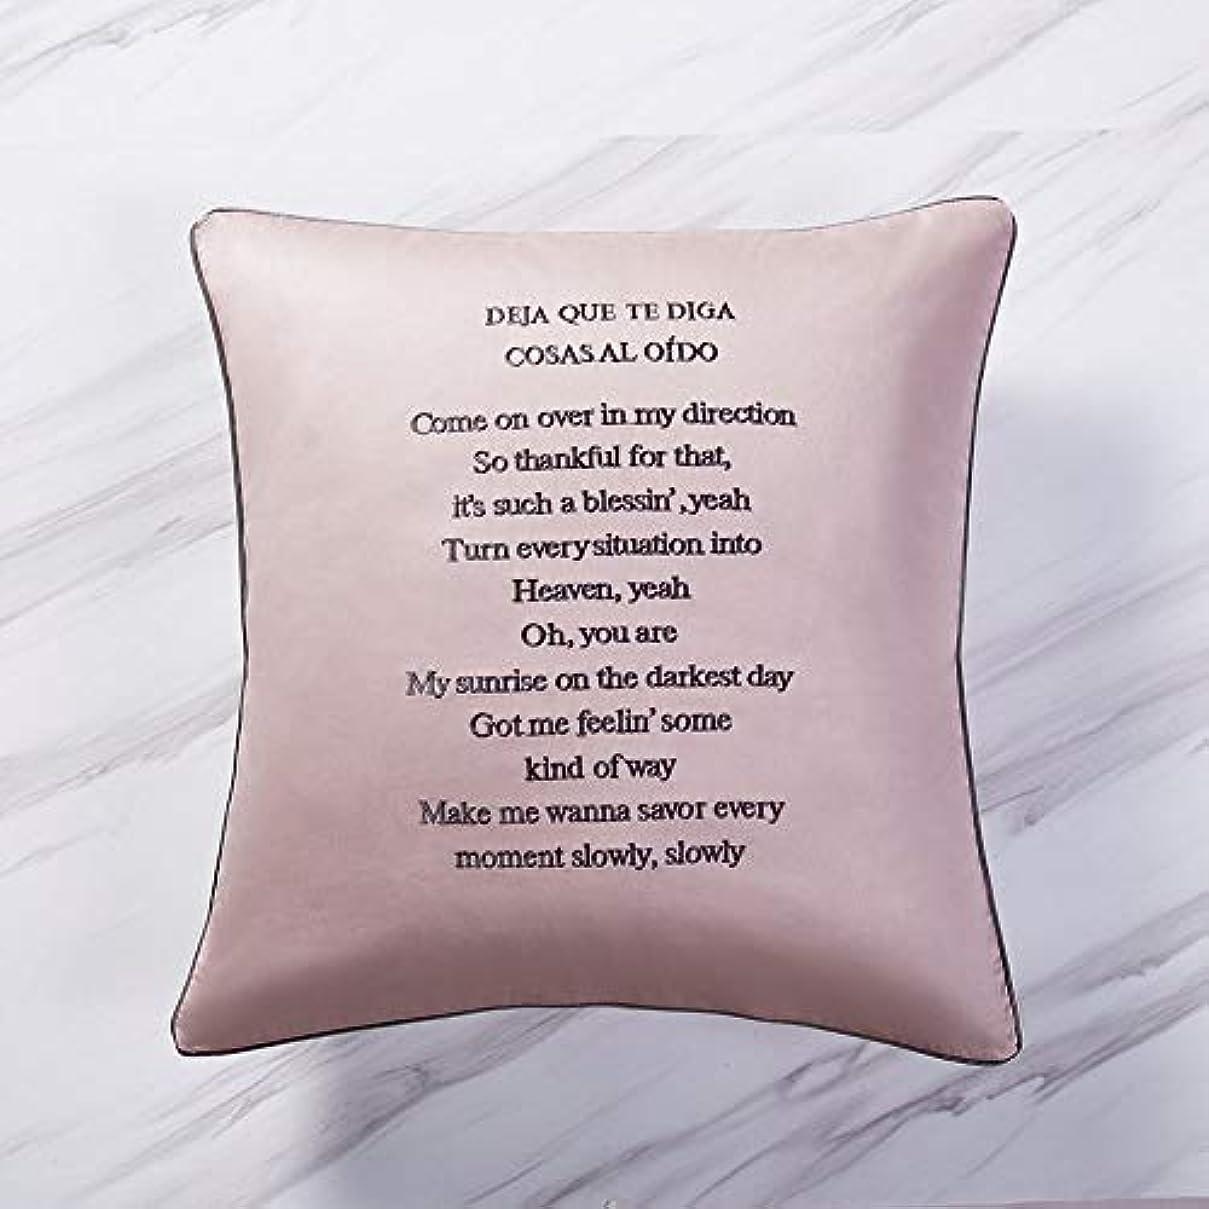 途方もない裁量無効枕 ロングステープルコットン刺繍入りレターピローコットンソファーベッドbyウエストクッションピローケース付きコア (色 : Cream powder, Size : 45*45cm)